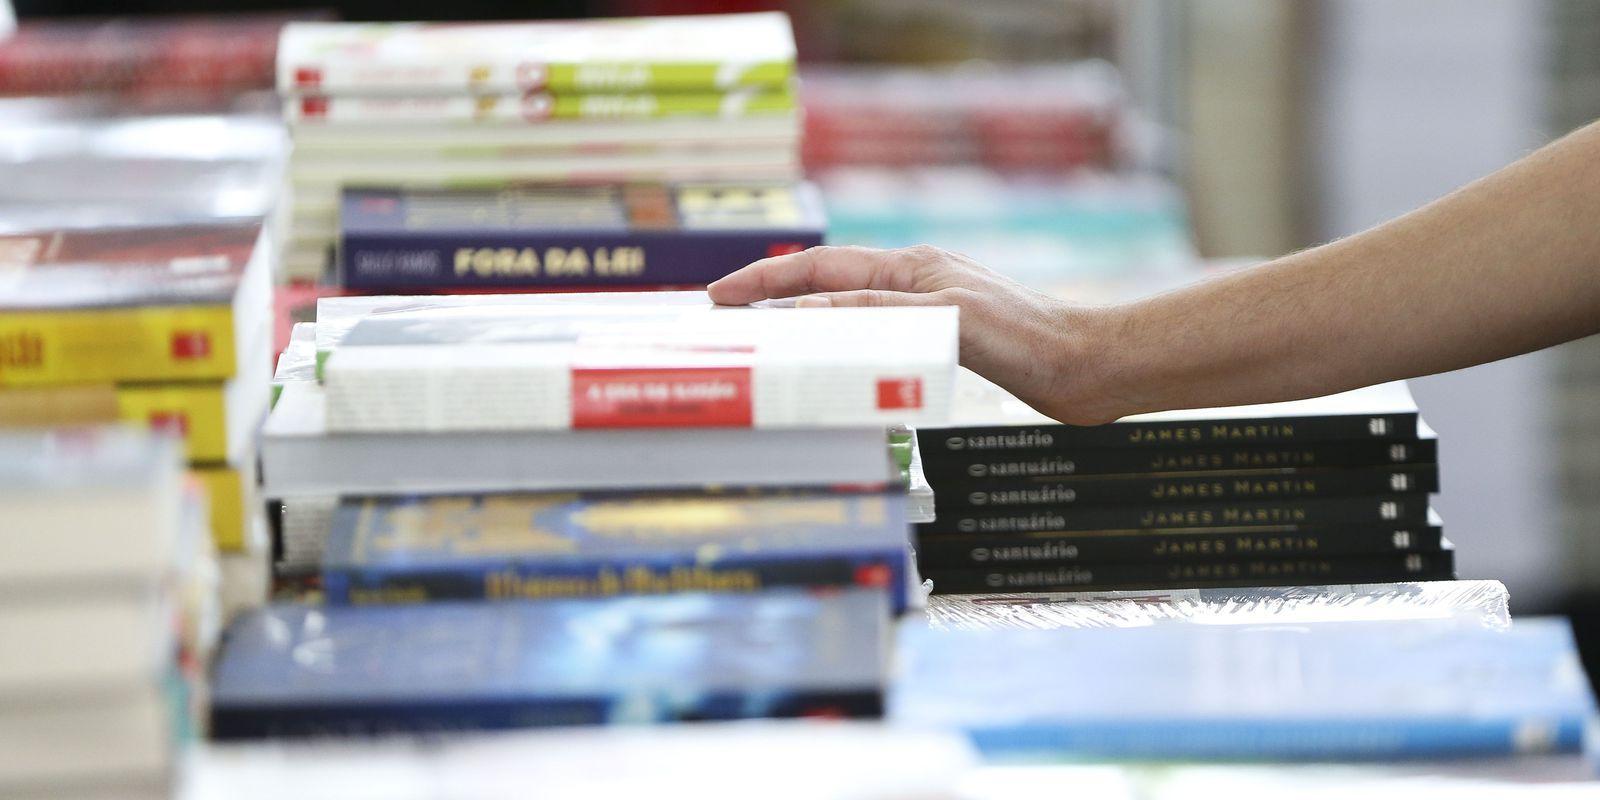 28 milhões de livros foram vendidos no primeiro semestre de 2021. Quase 50% a mais que ano anterior!